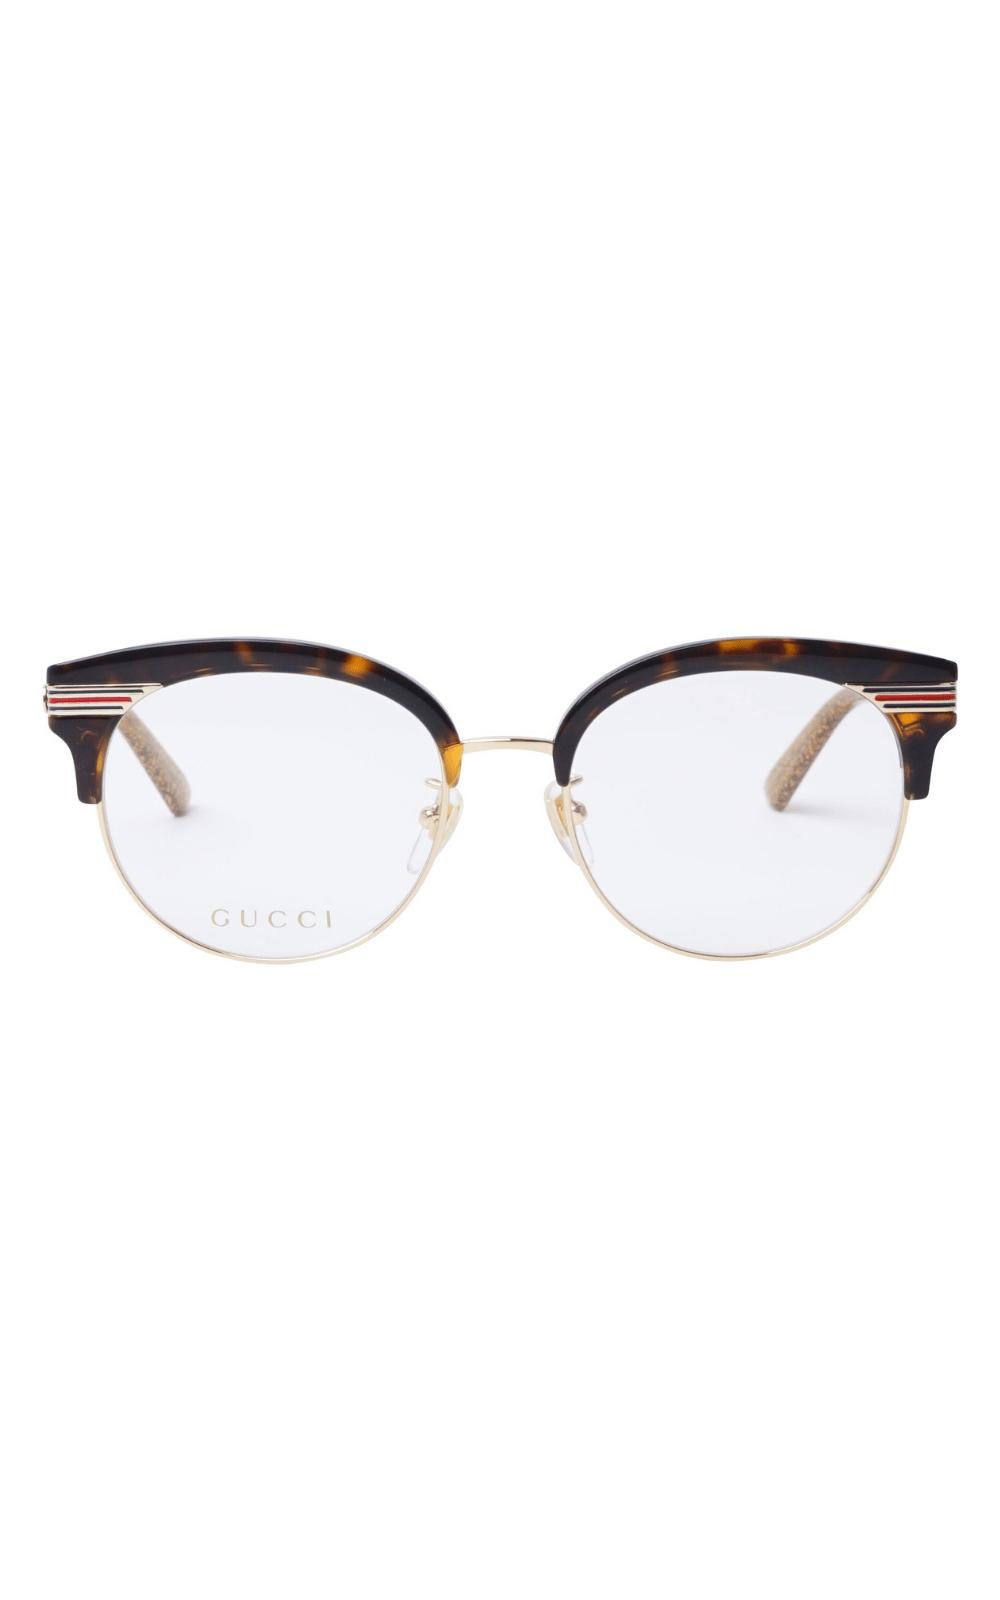 ... Foto 2 - Óculos de Grau Gucci 0285 OA 002 beaf15535c